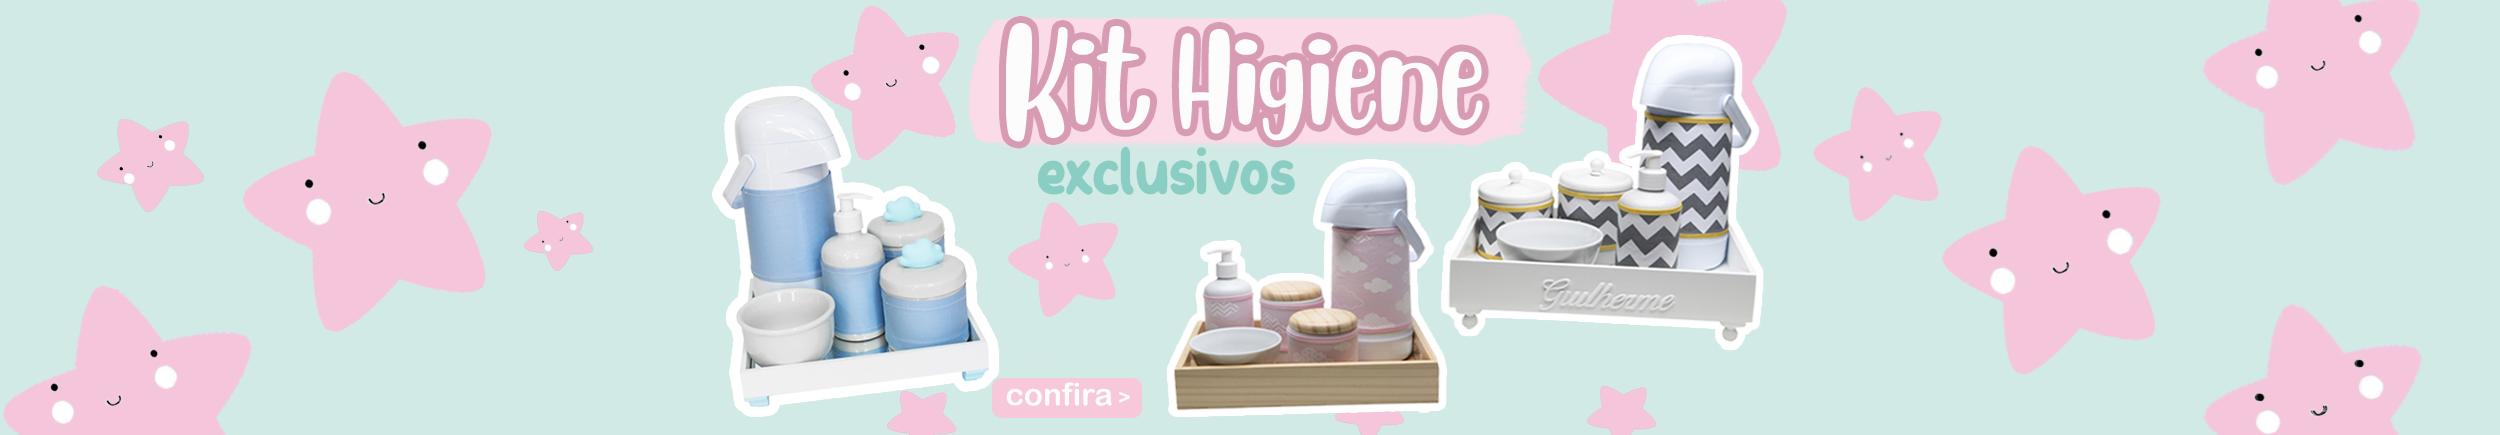 Banner Home - Kit Higiene